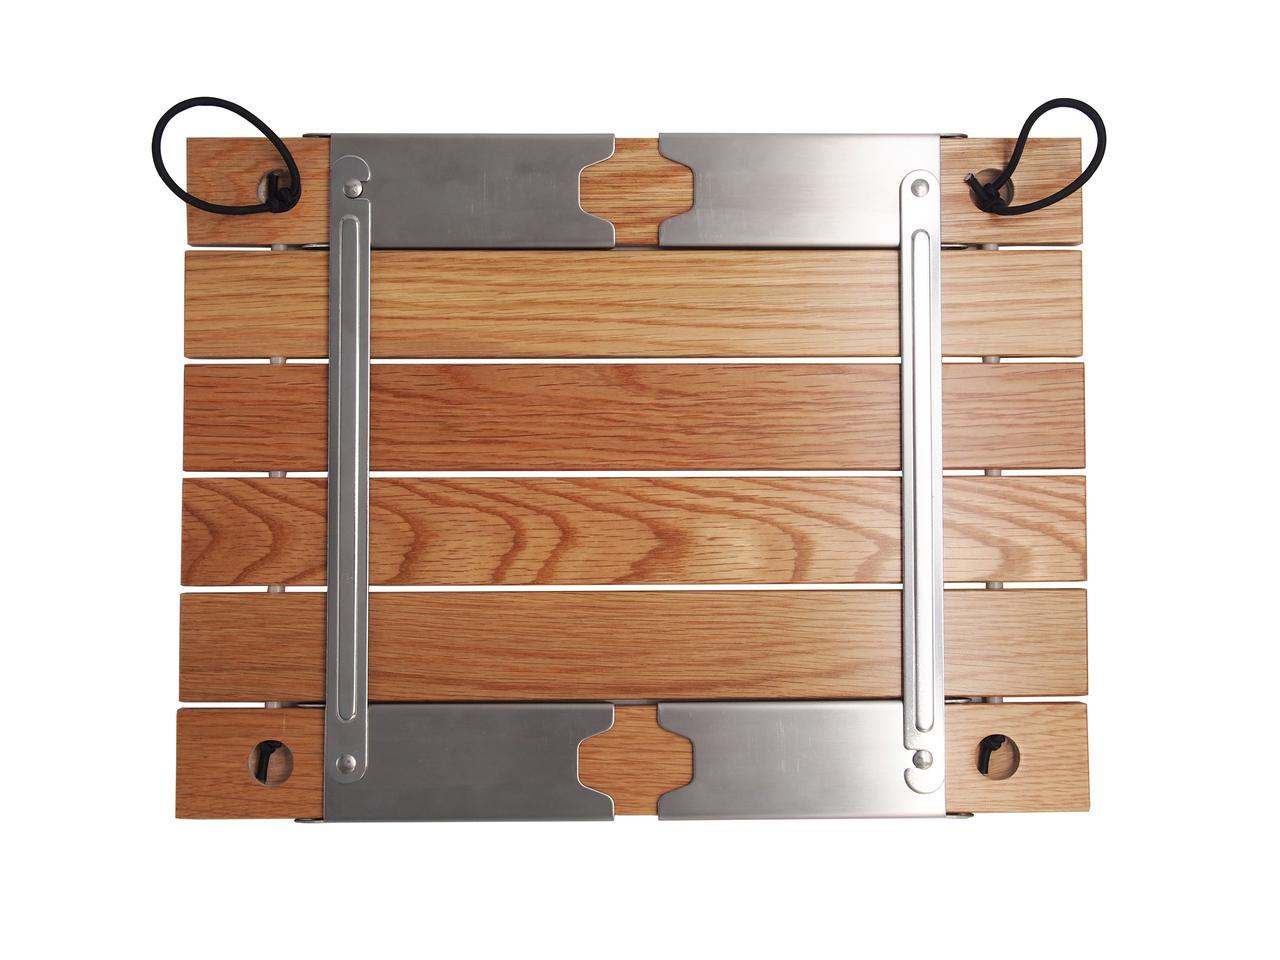 画像2: 【CAPTAIN STAG × 村の鍛冶屋】ライバルの共演!オリジナル木製ロールテーブルを9/17より限定500台発売